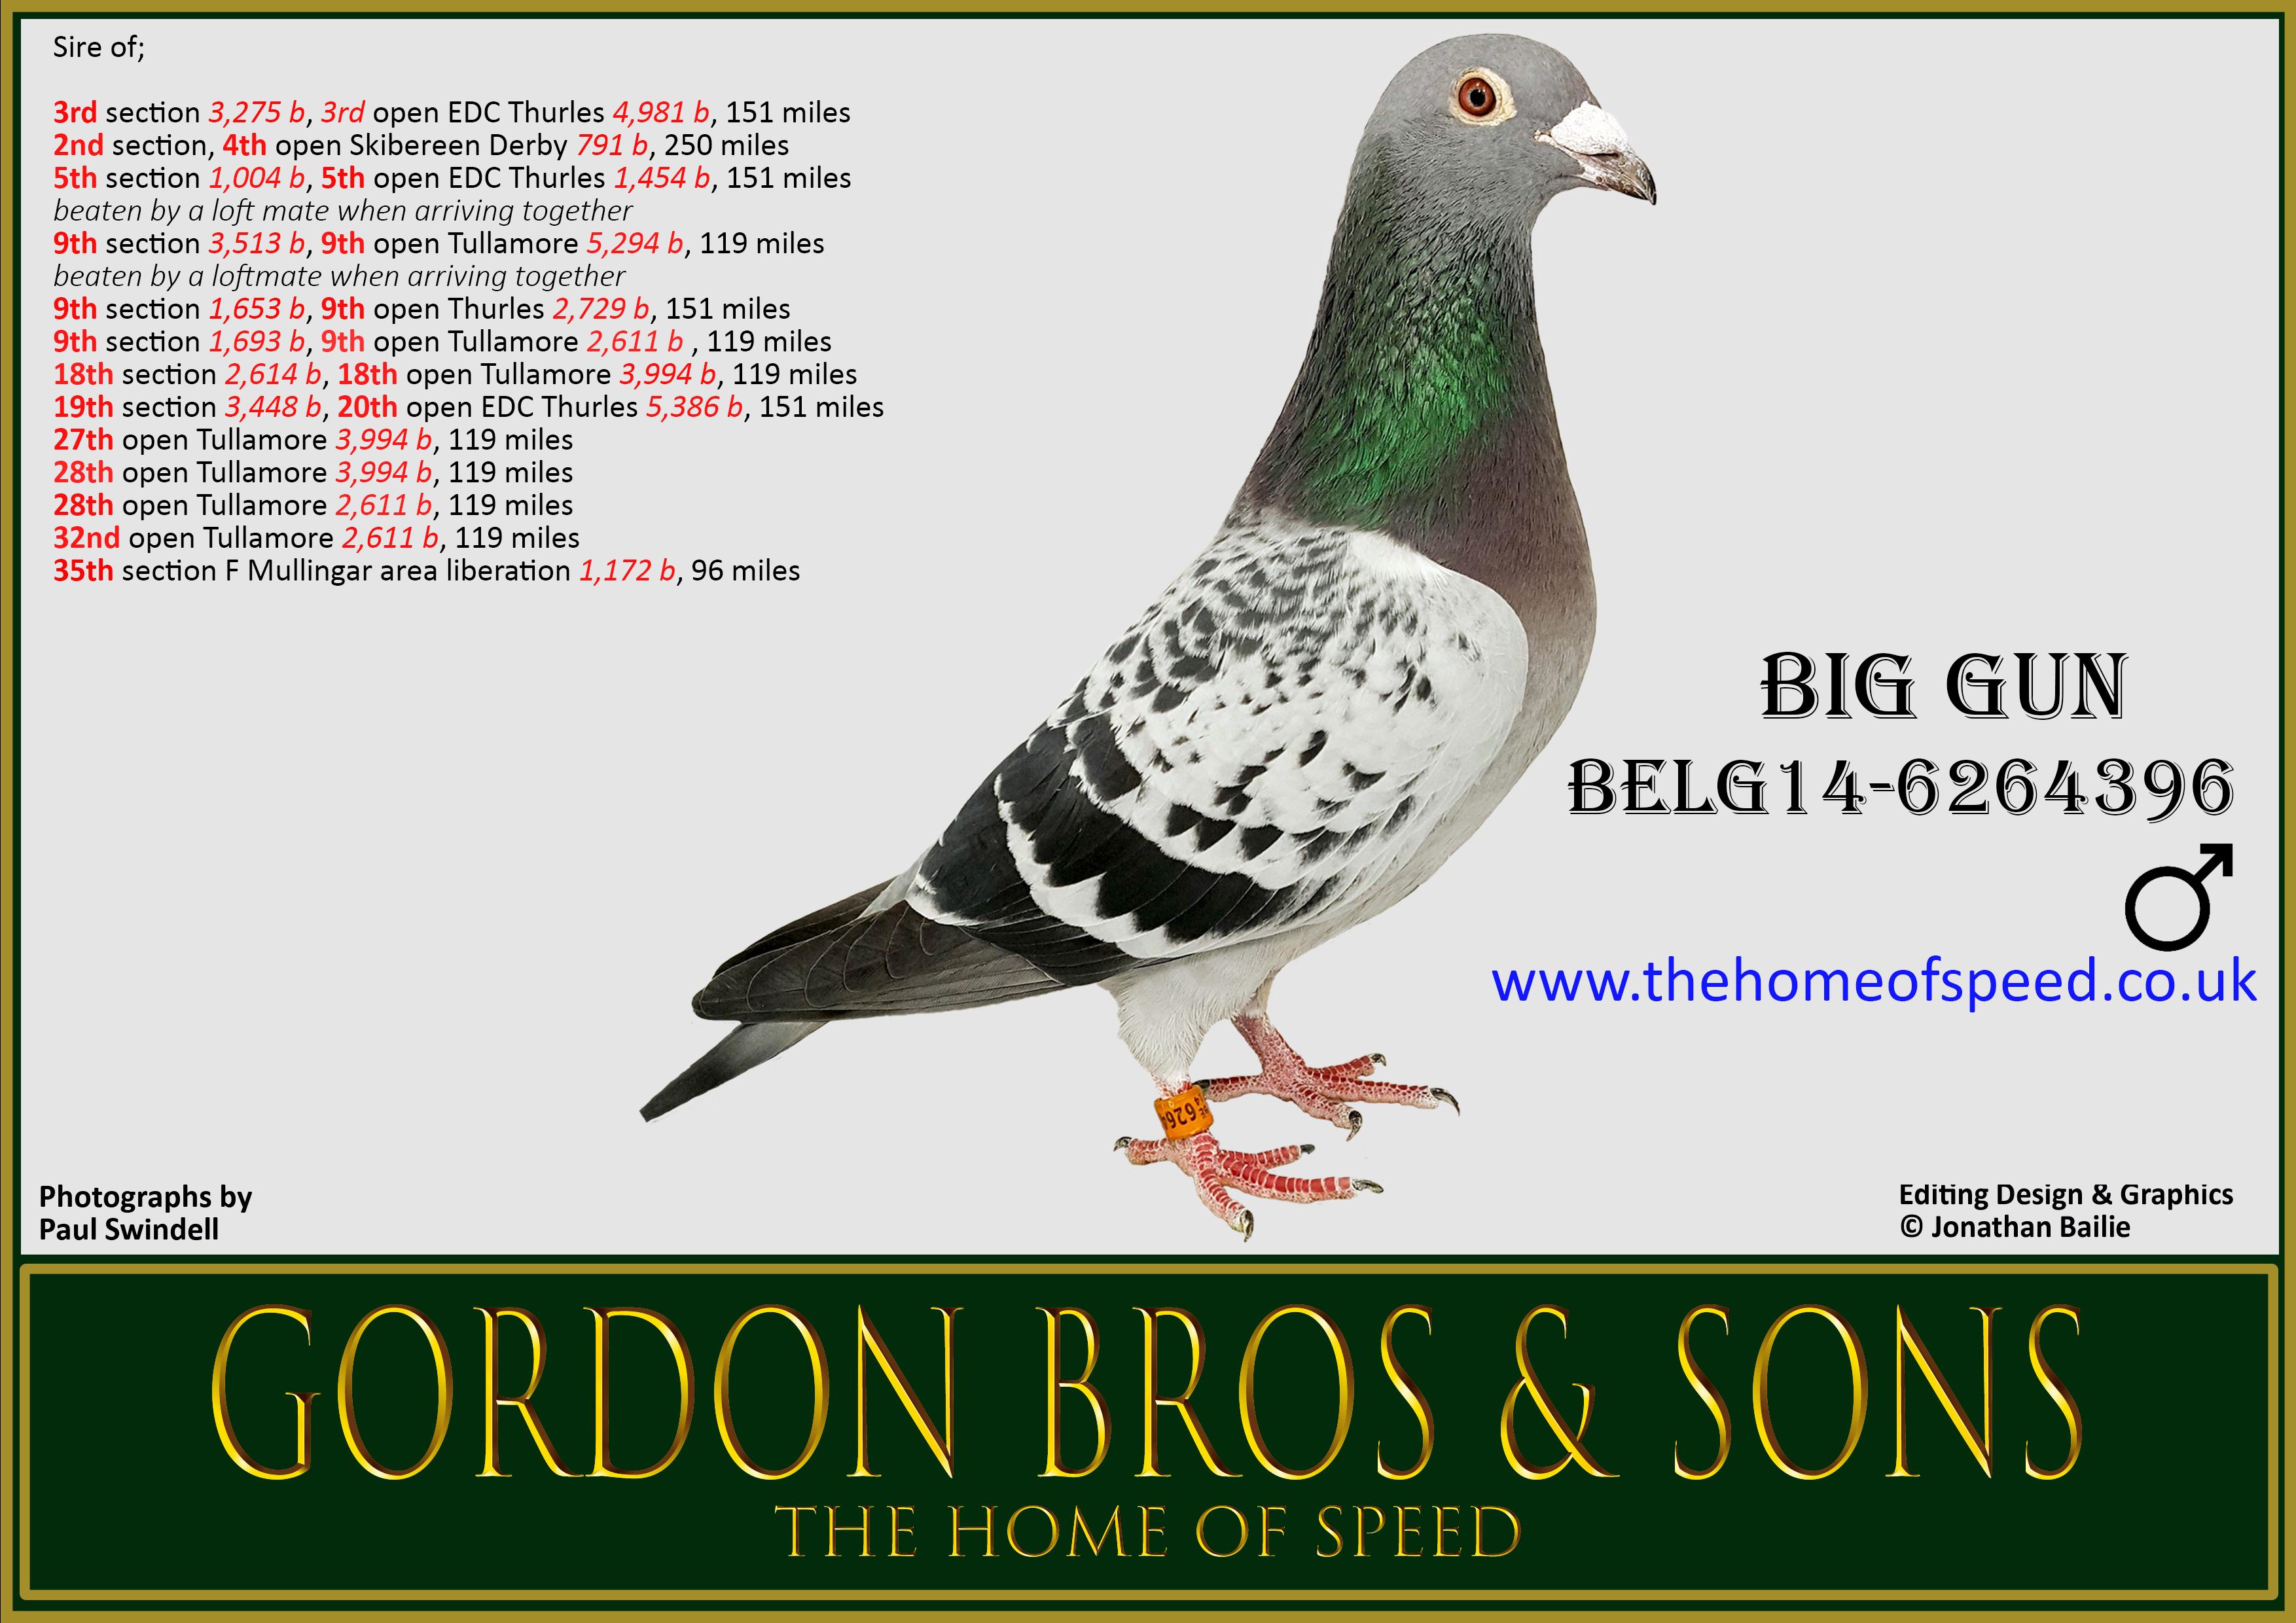 BIG GUN BELG14-6264396